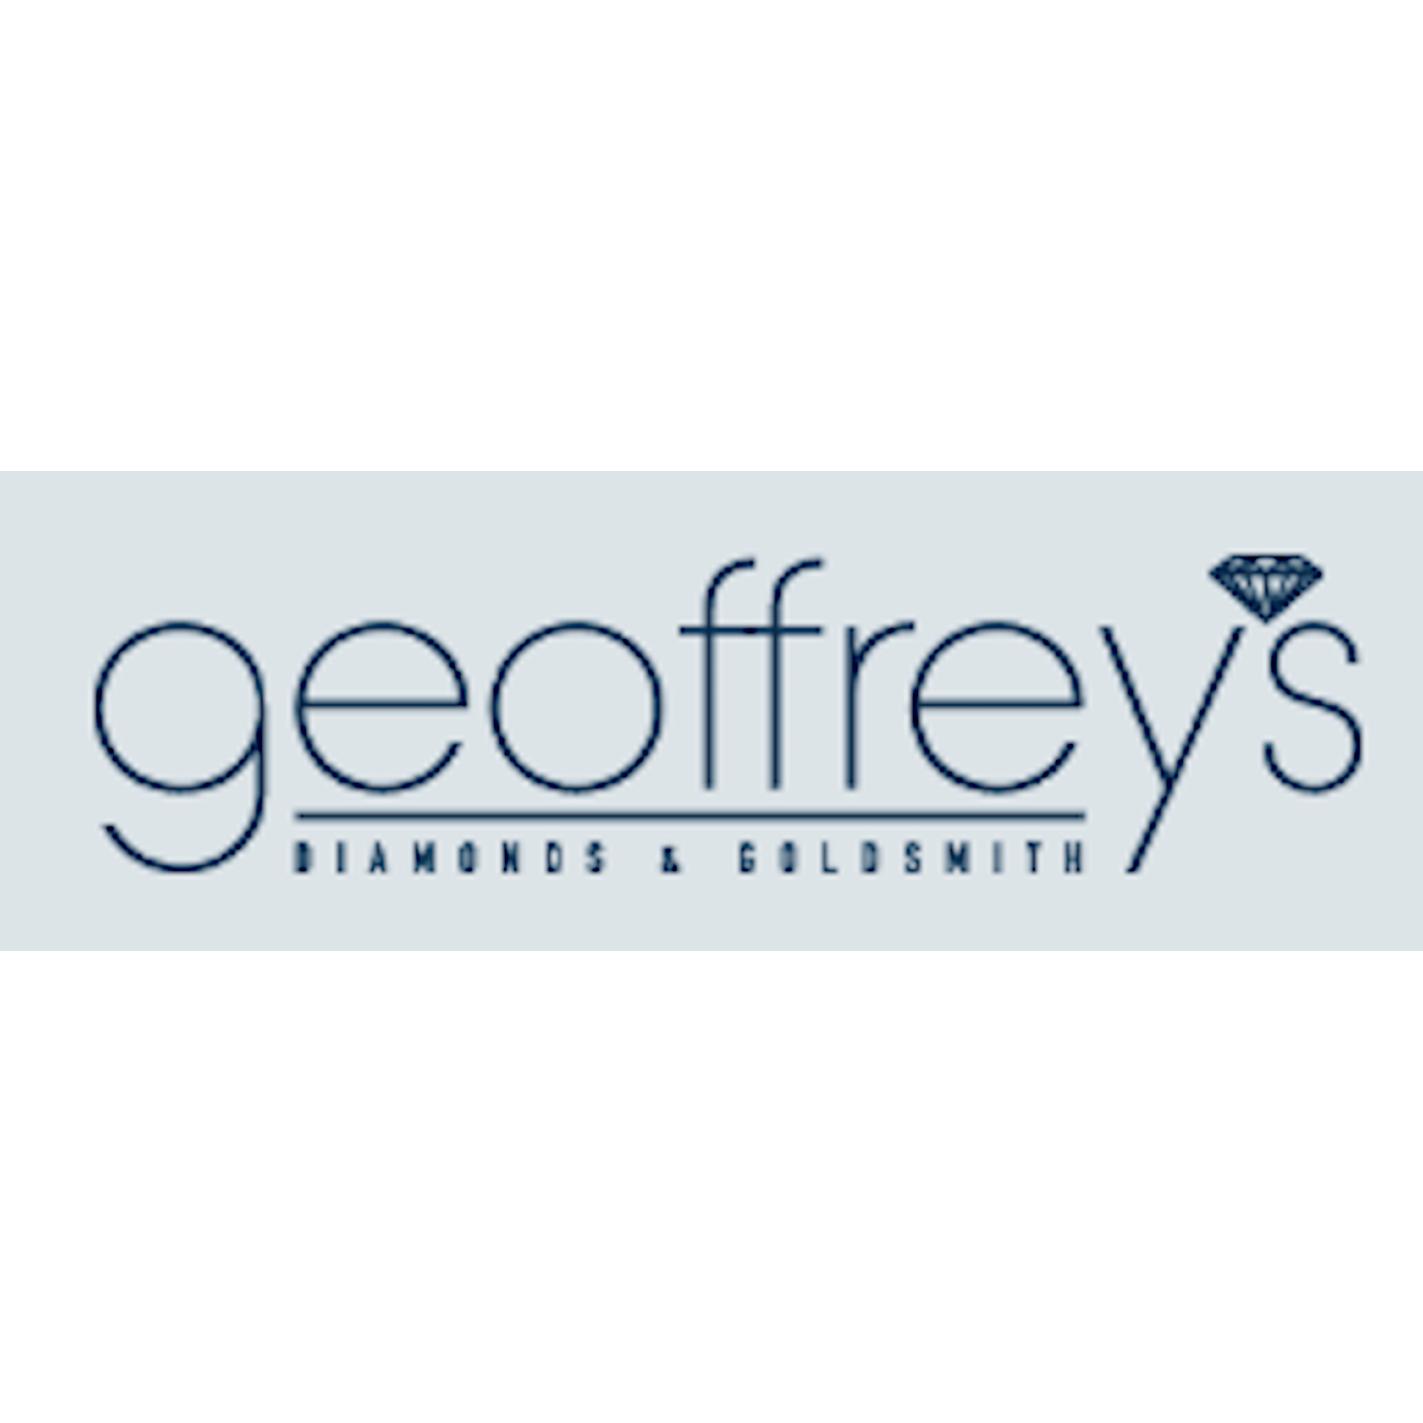 Geoffrey's Diamonds & Goldsmith - San Carlos, CA - Jewelry & Watch Repair